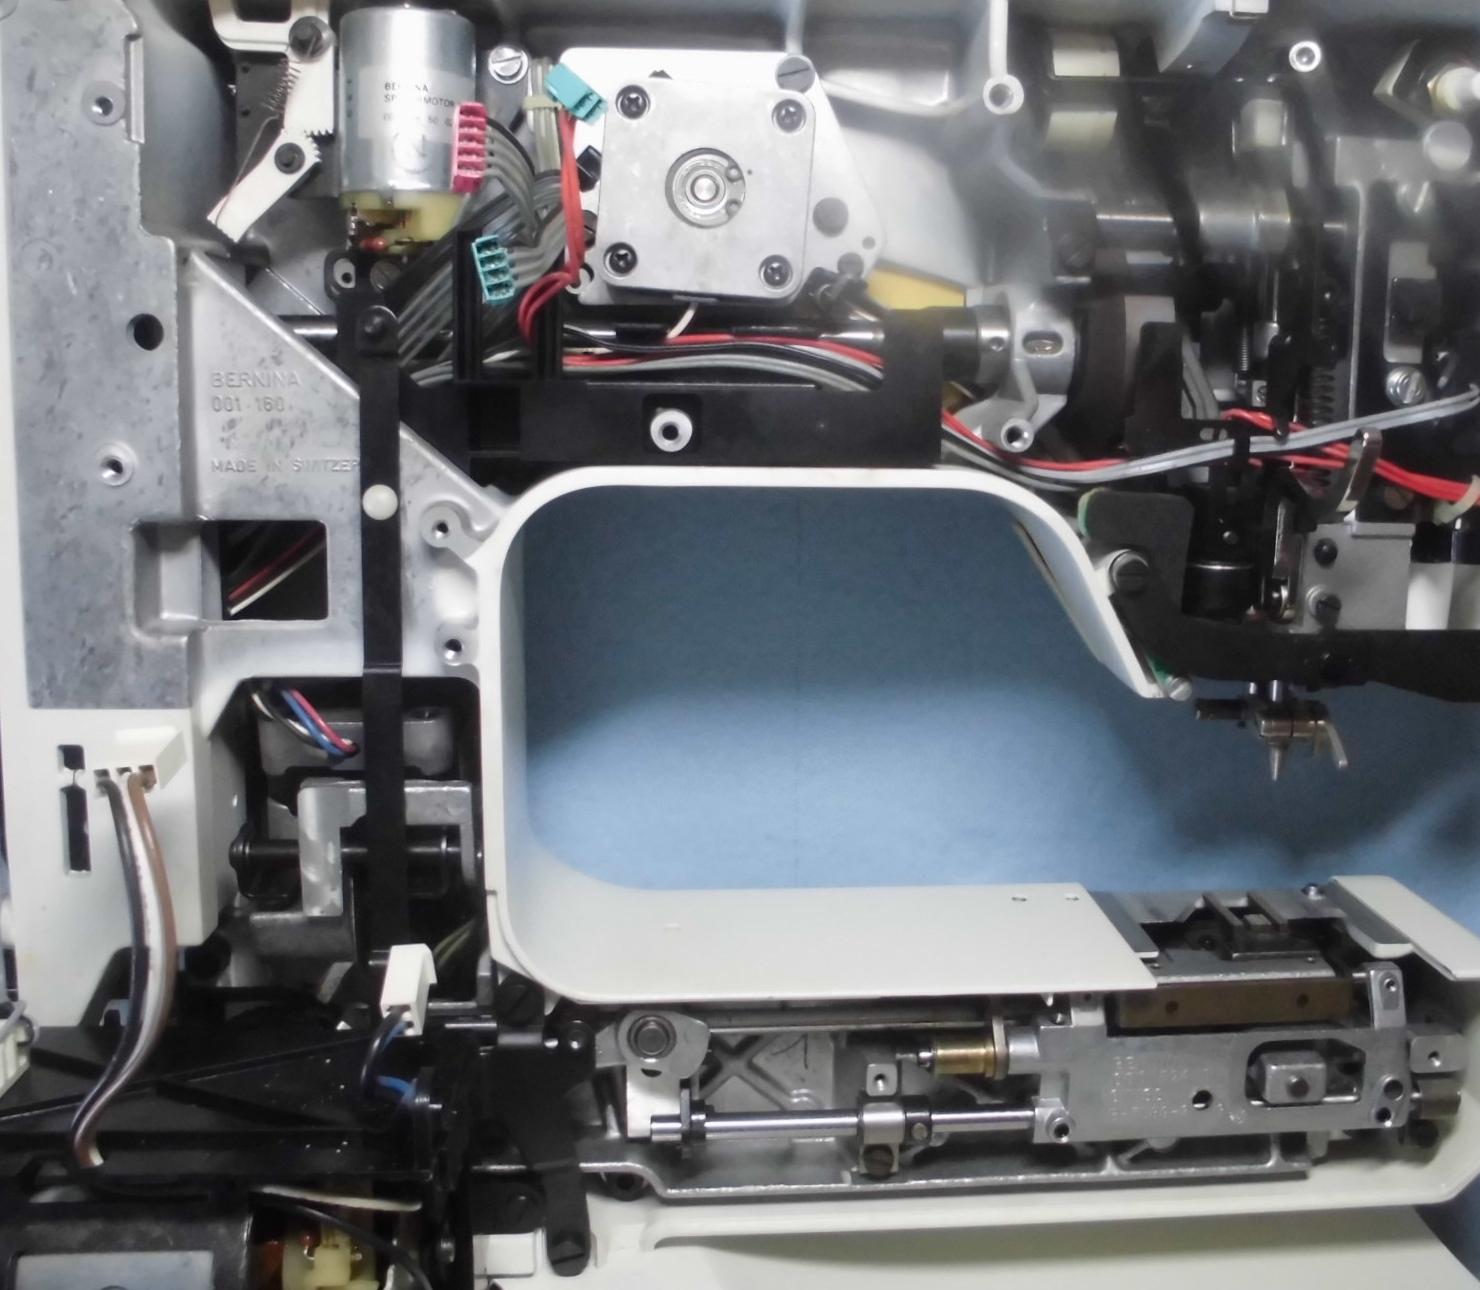 BERNINA RCM1230の分解オーバーホールメンテナンス修理